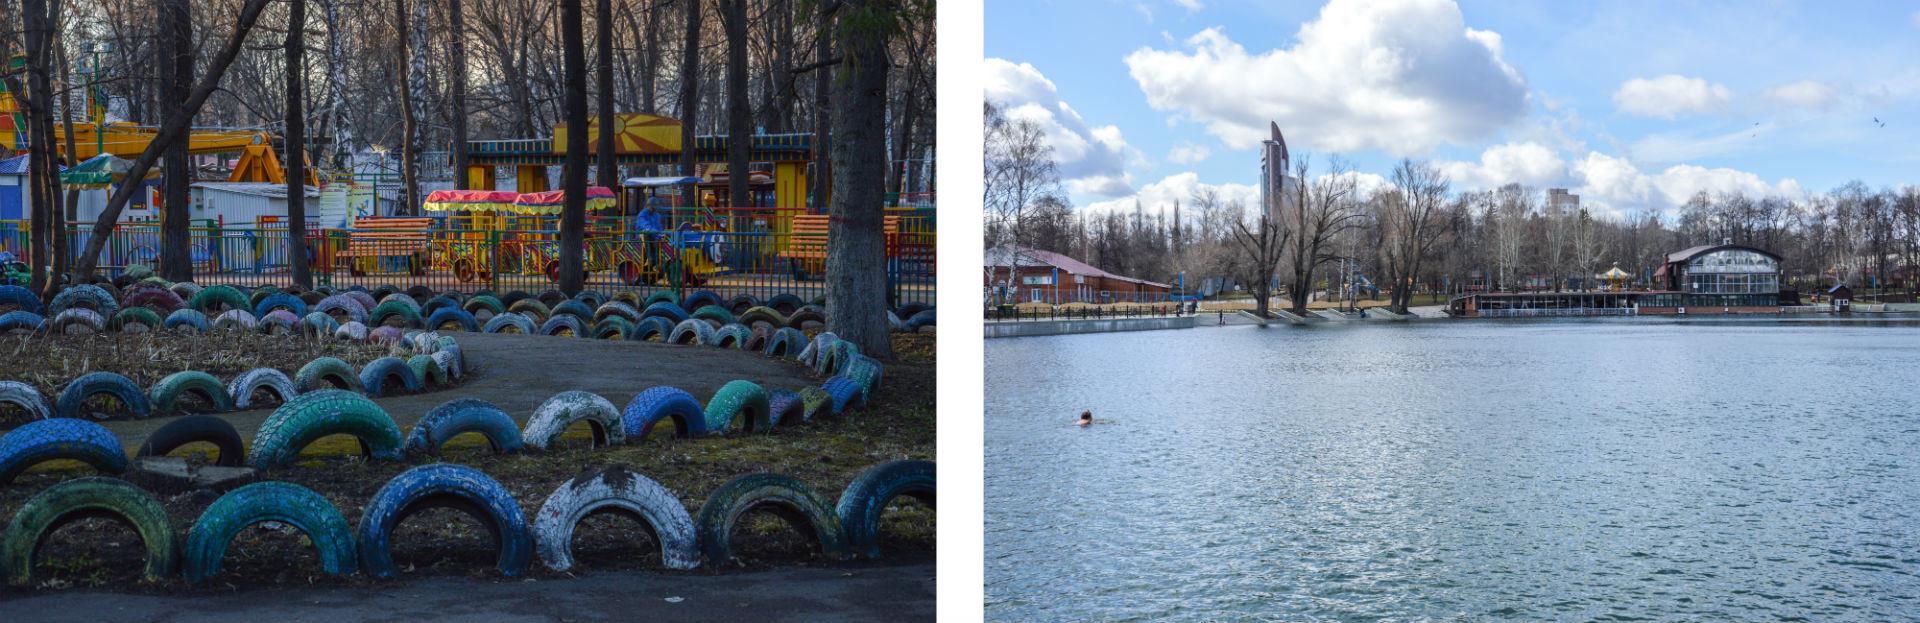 Le parc Iakoutov est un lieu idéal de détente, offrant de nombreuses distractions pour petits et grands.